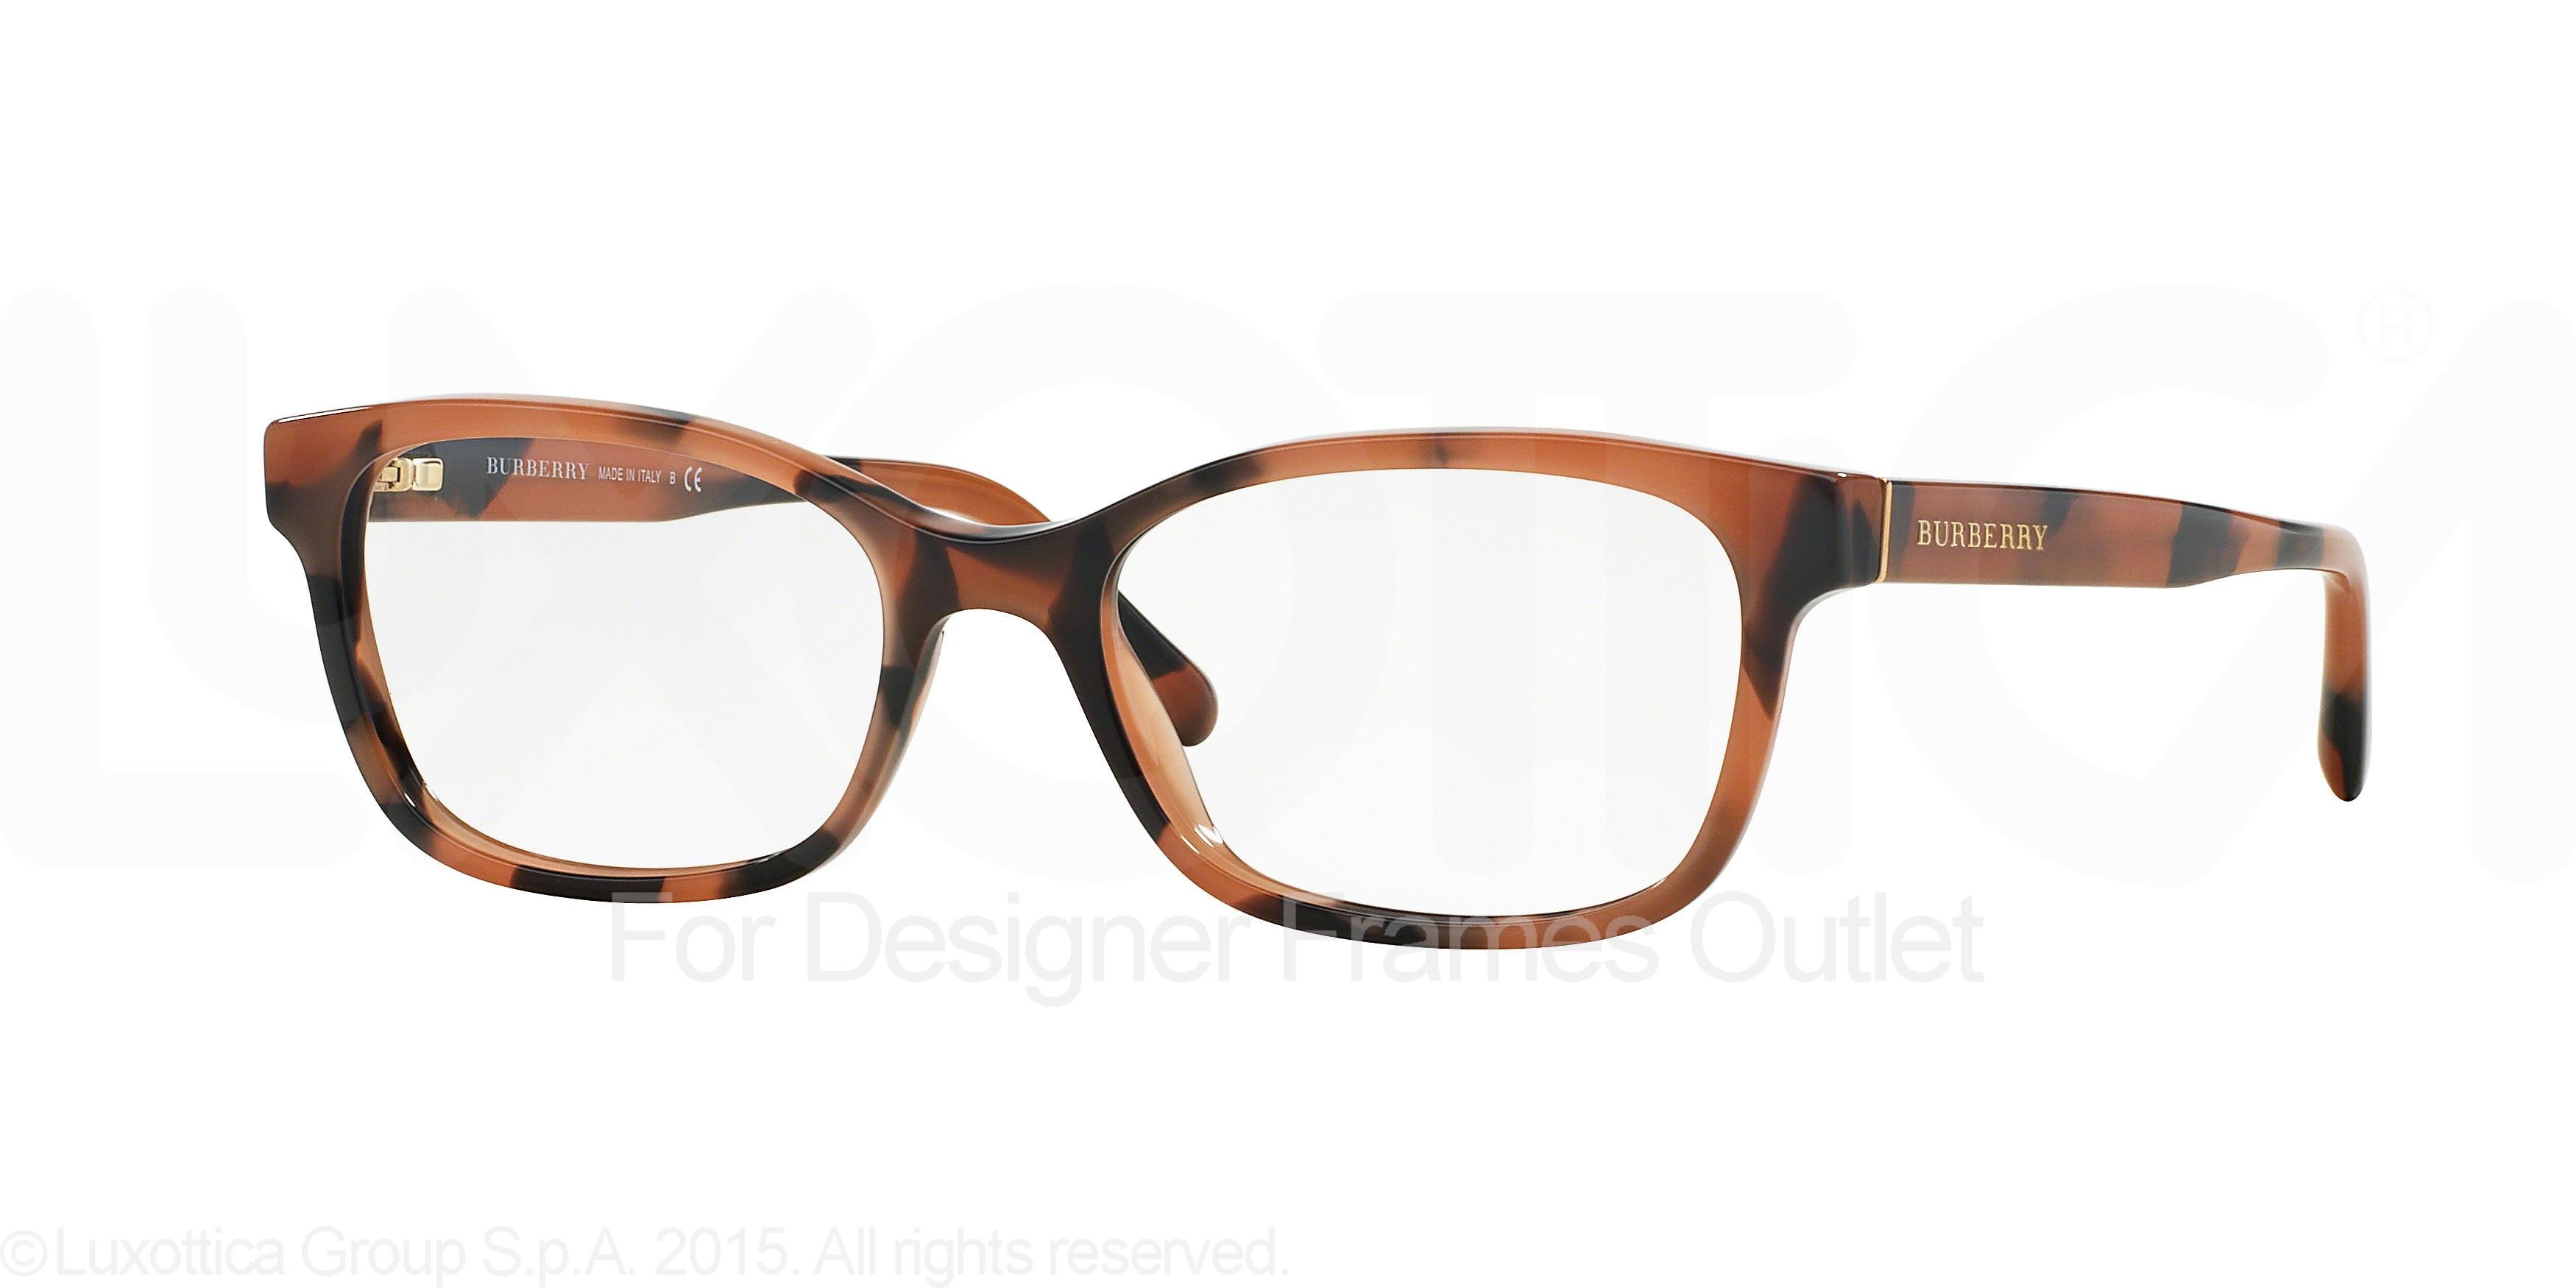 5300f6425b1 Designer Frames Outlet. Burberry BE2201